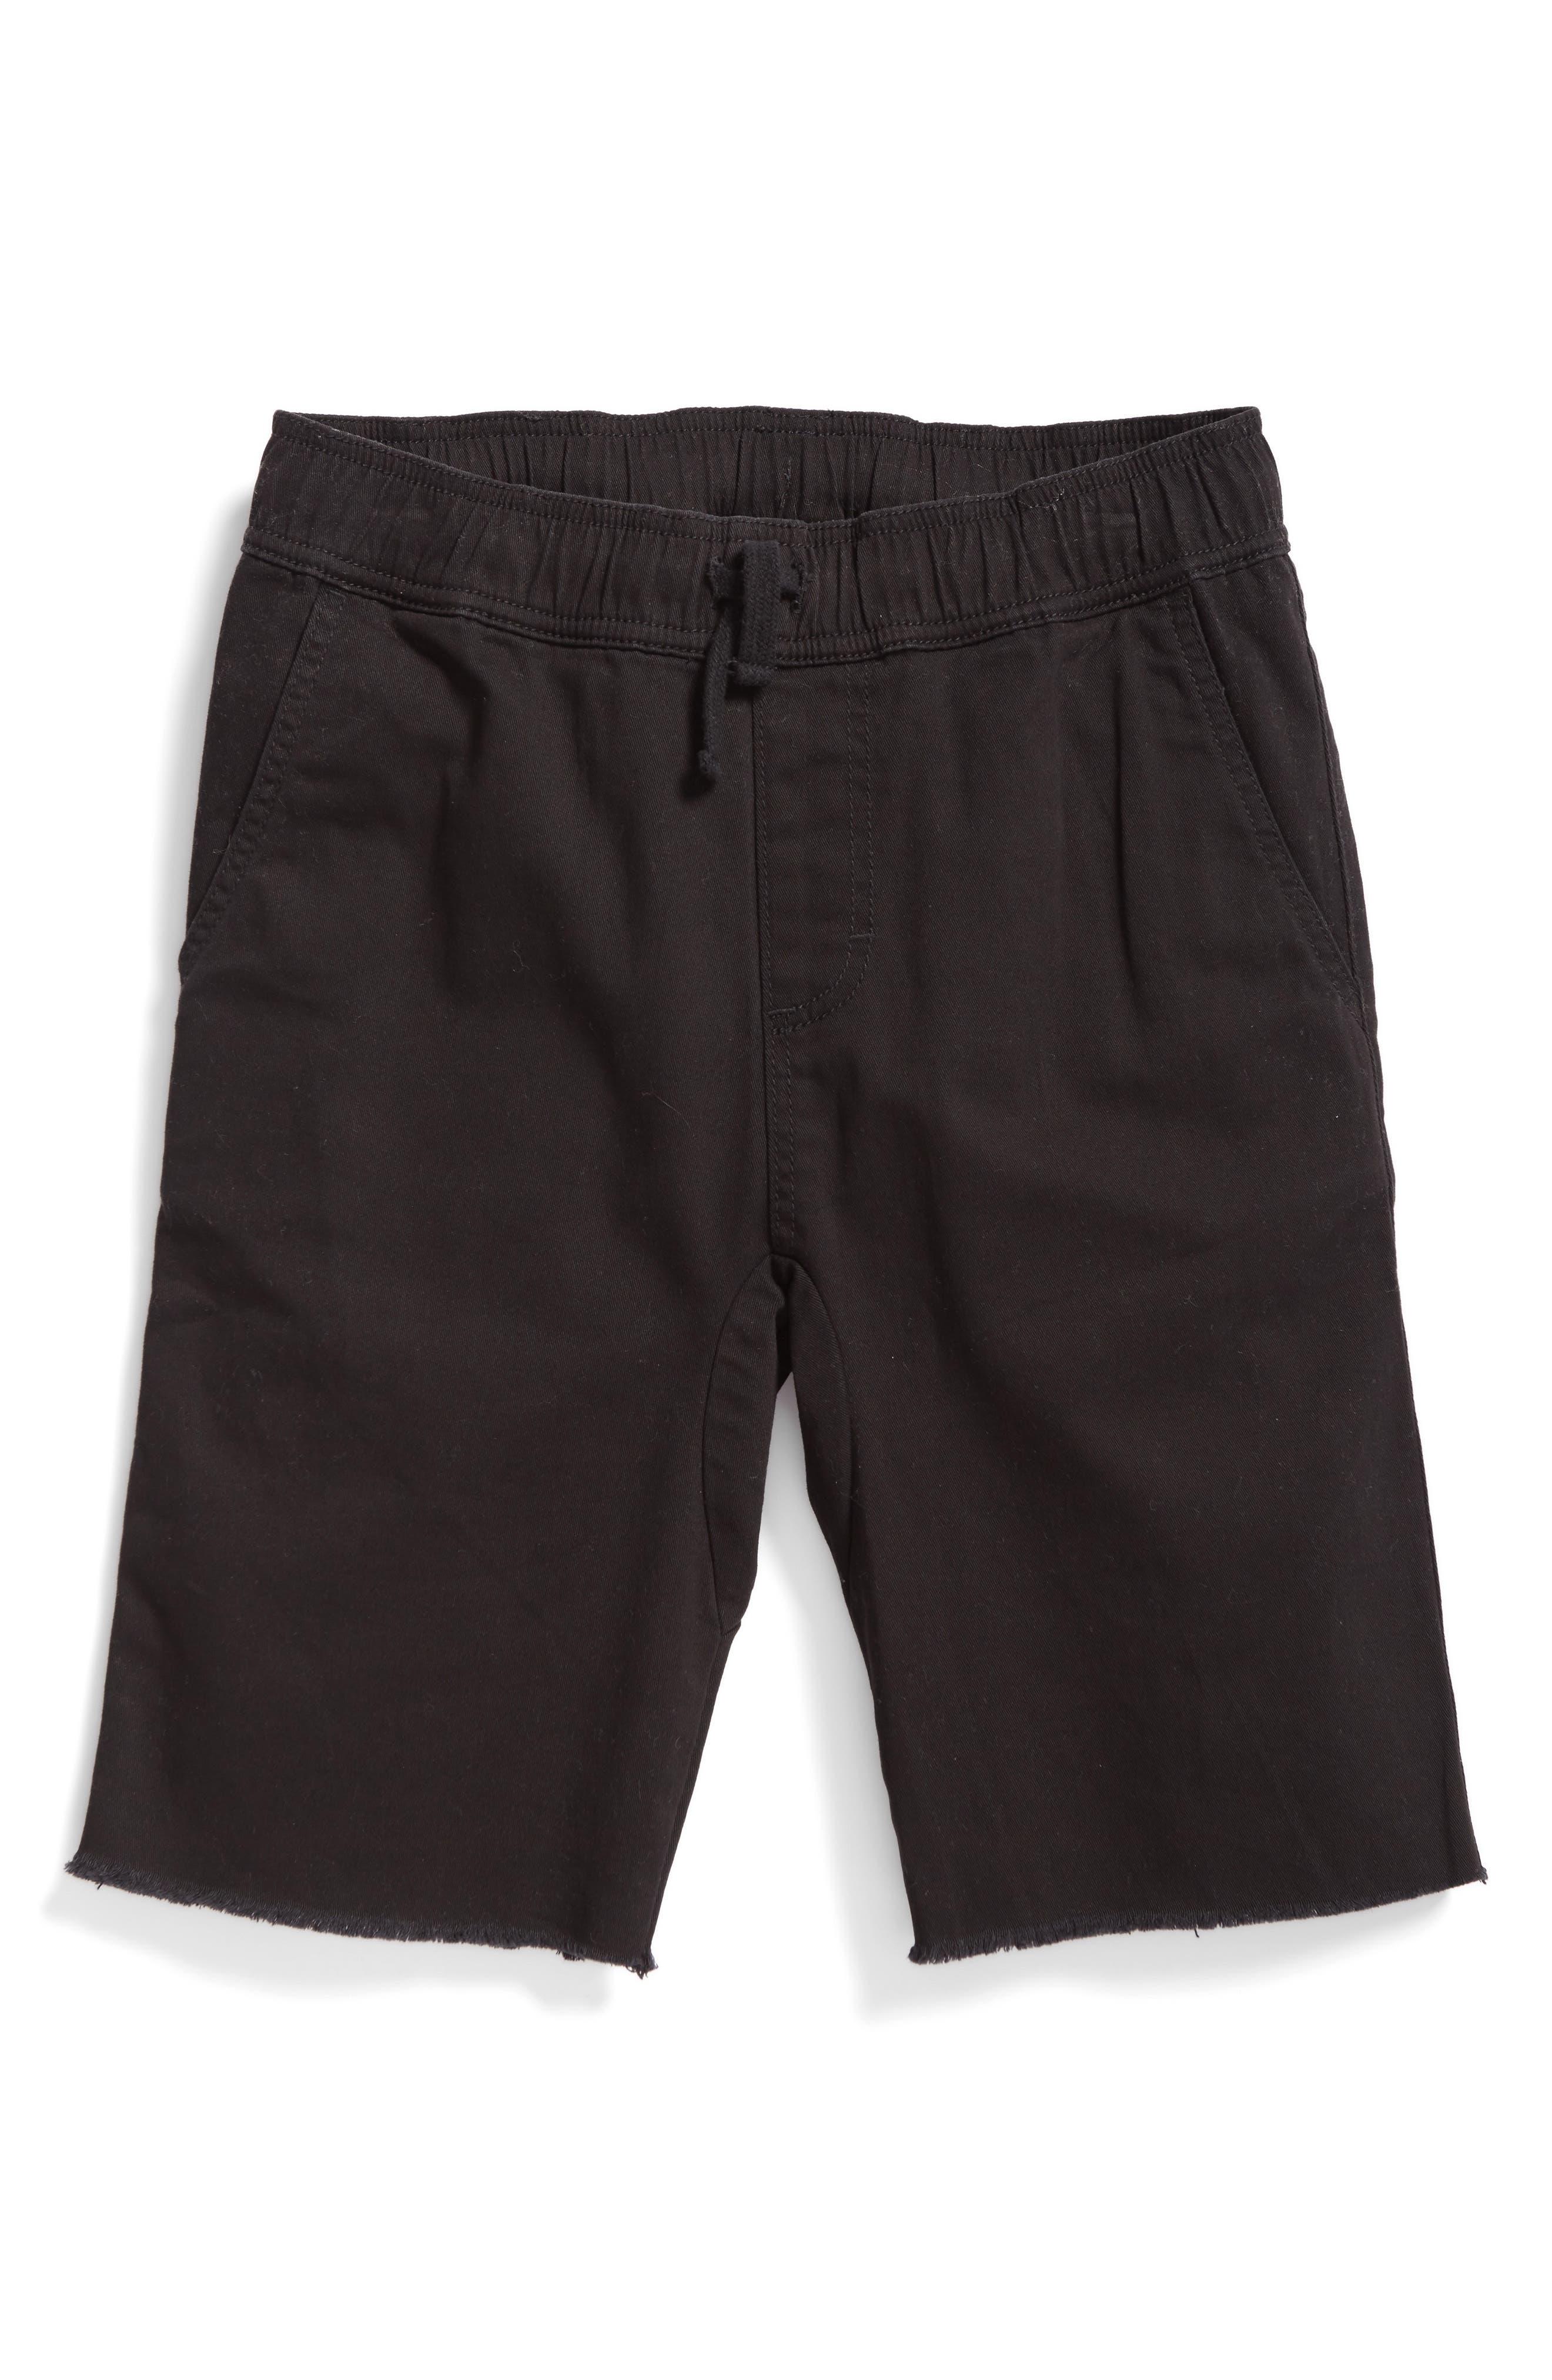 Jogger Shorts,                             Alternate thumbnail 5, color,